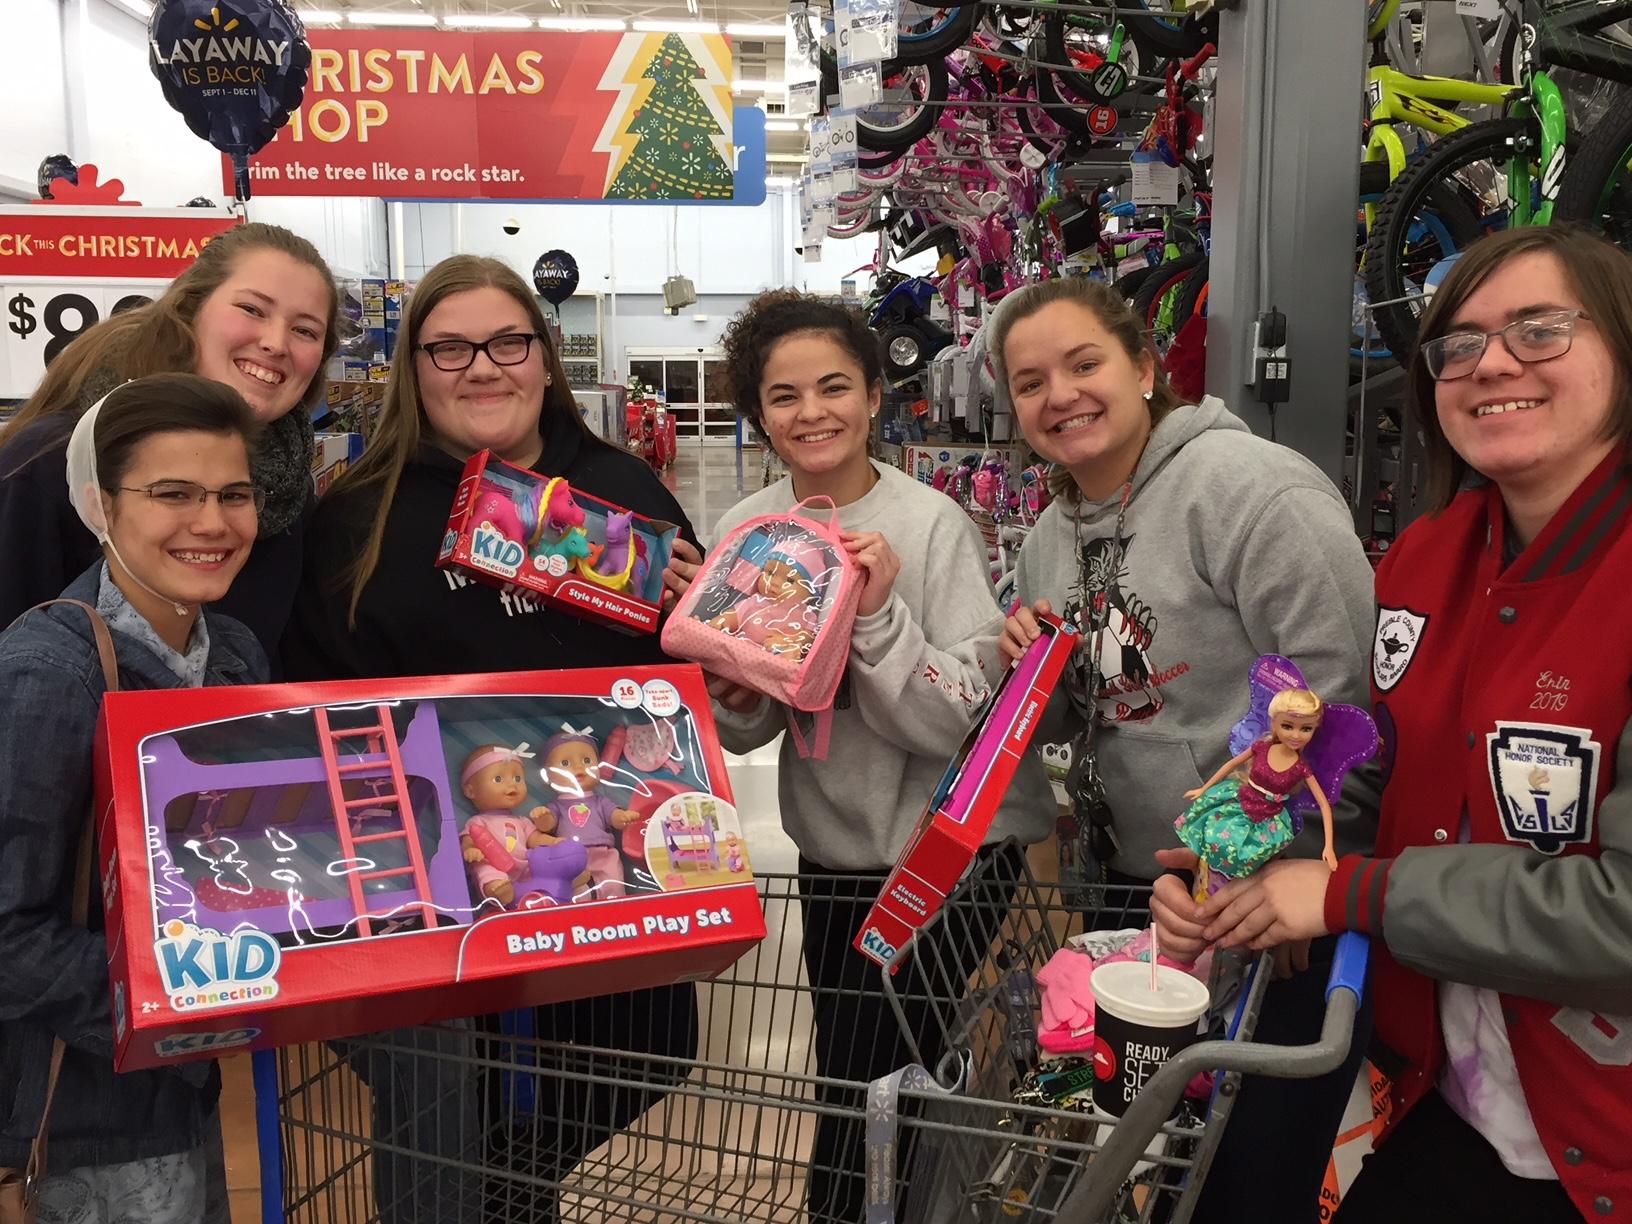 NHS Girls Shopping at Walmart